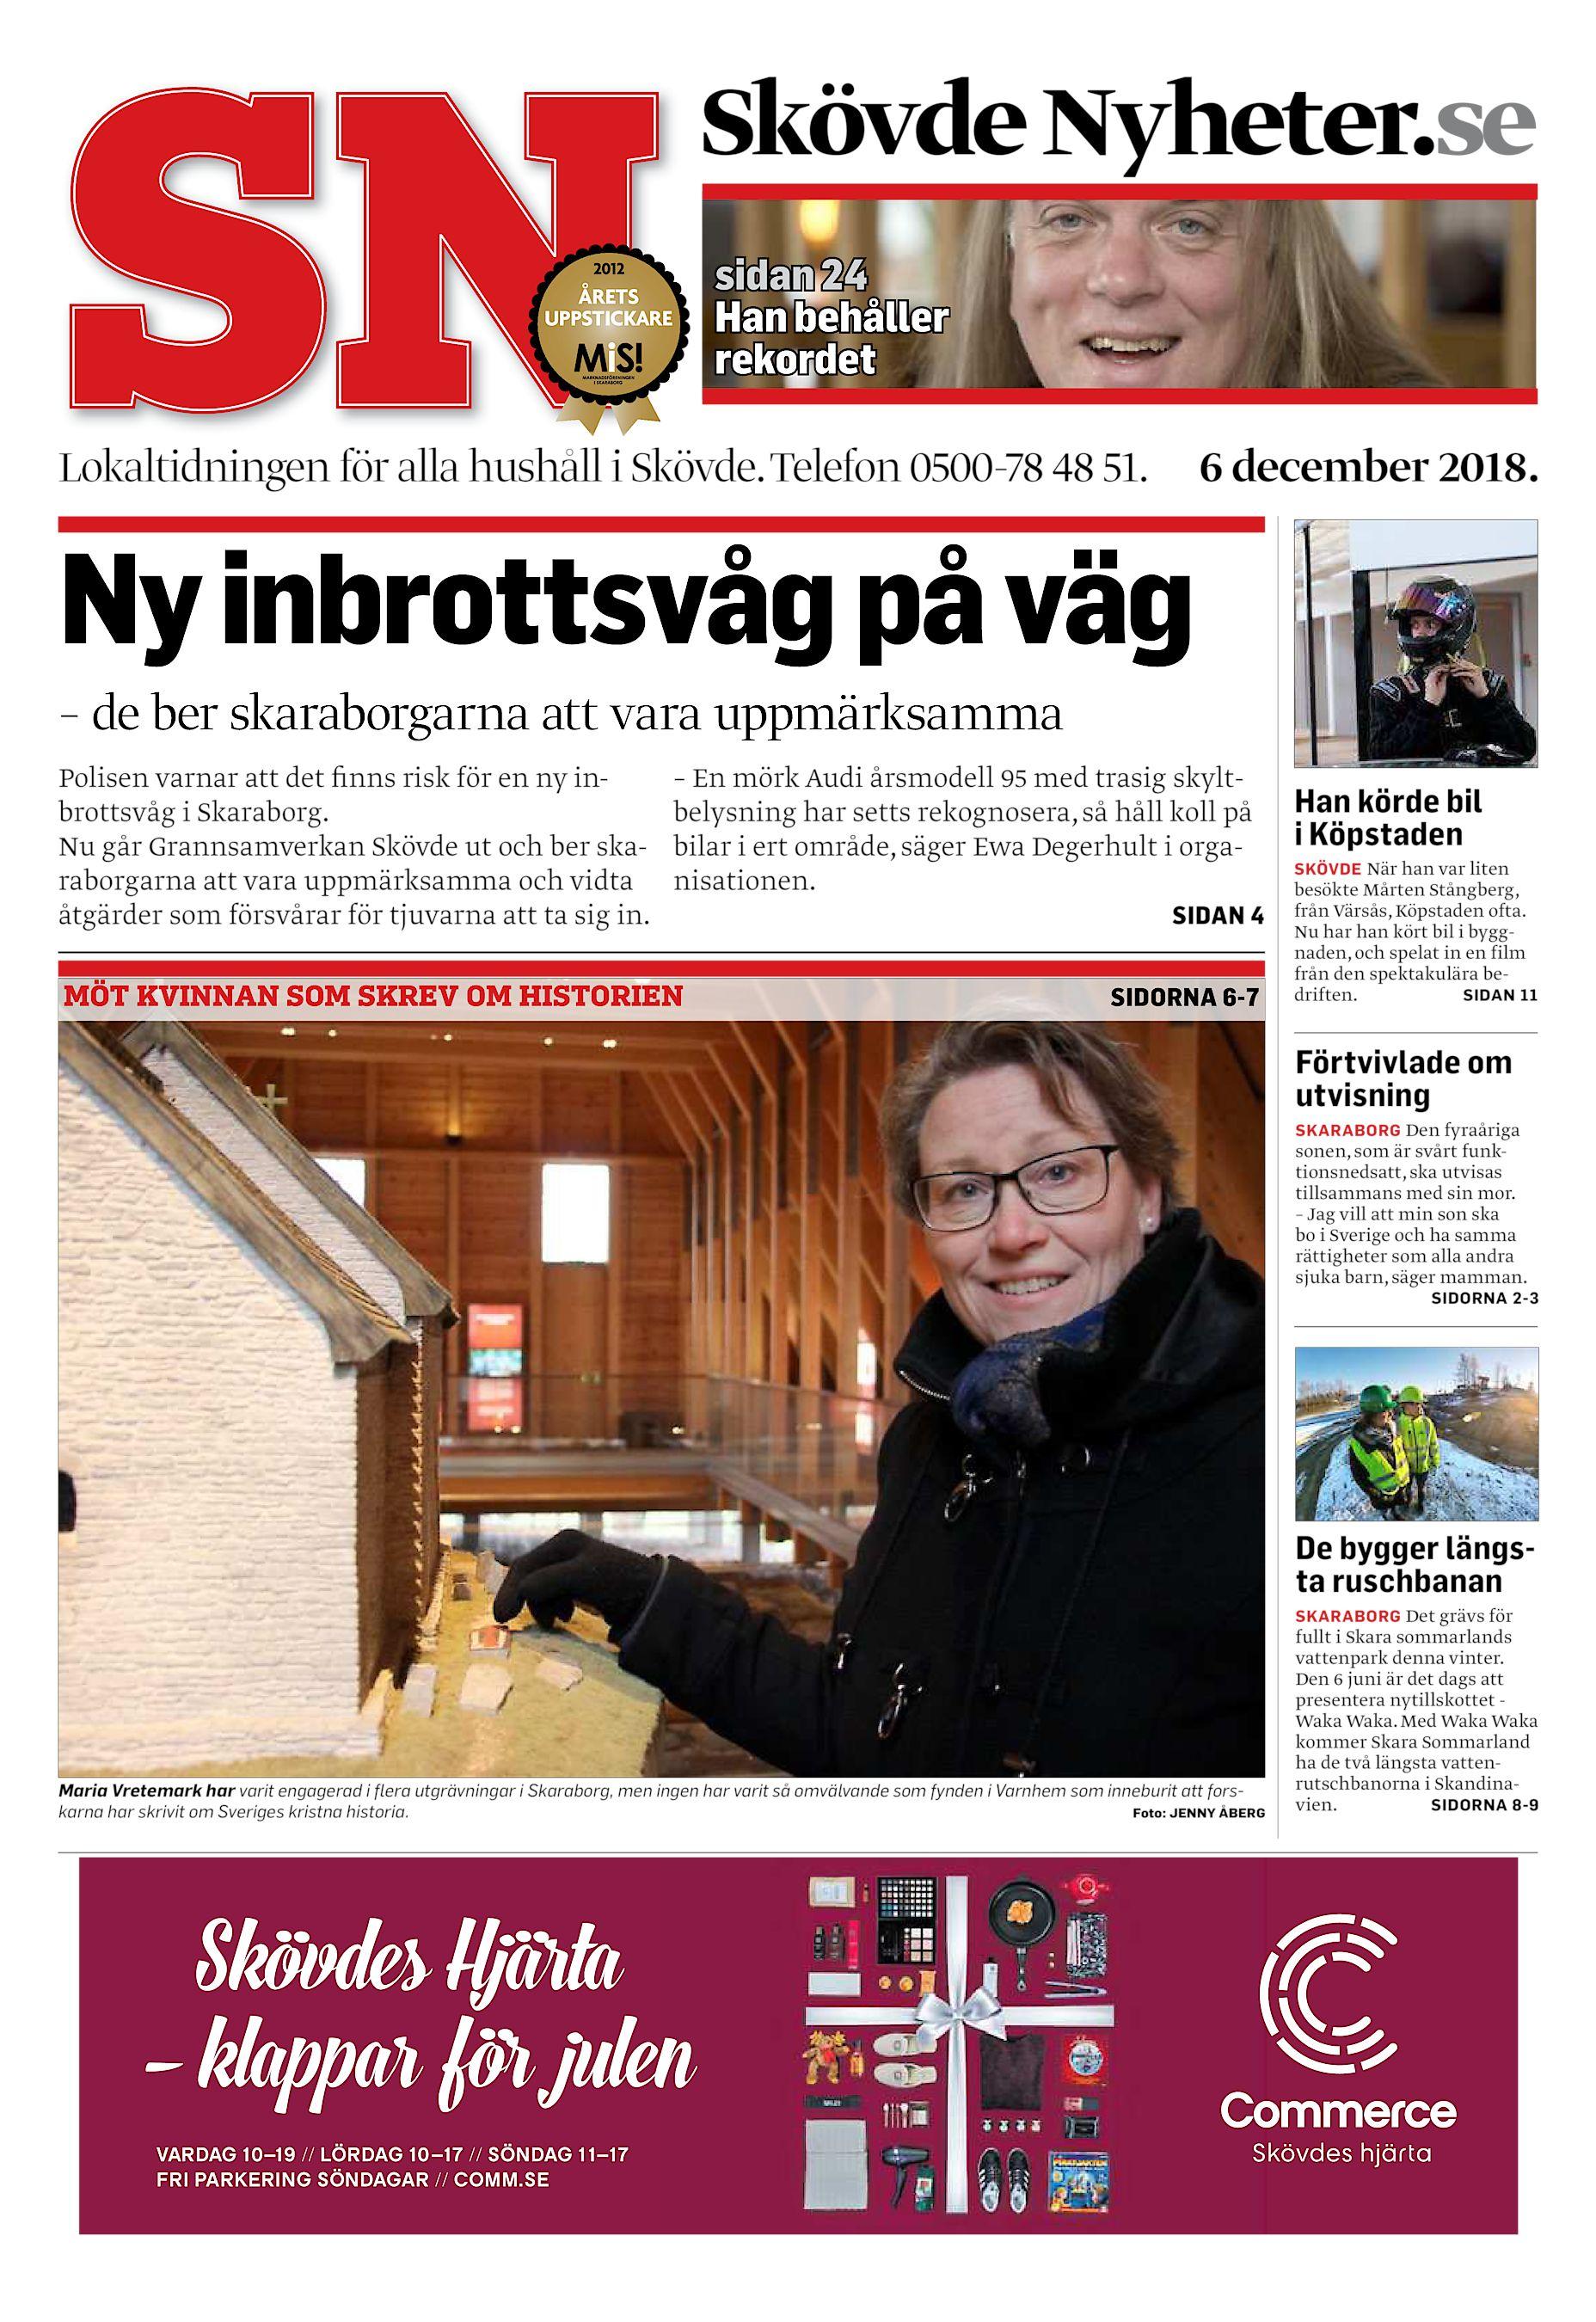 879f0a347a2 Skövde Nyheter SN-20181206 (endast text)